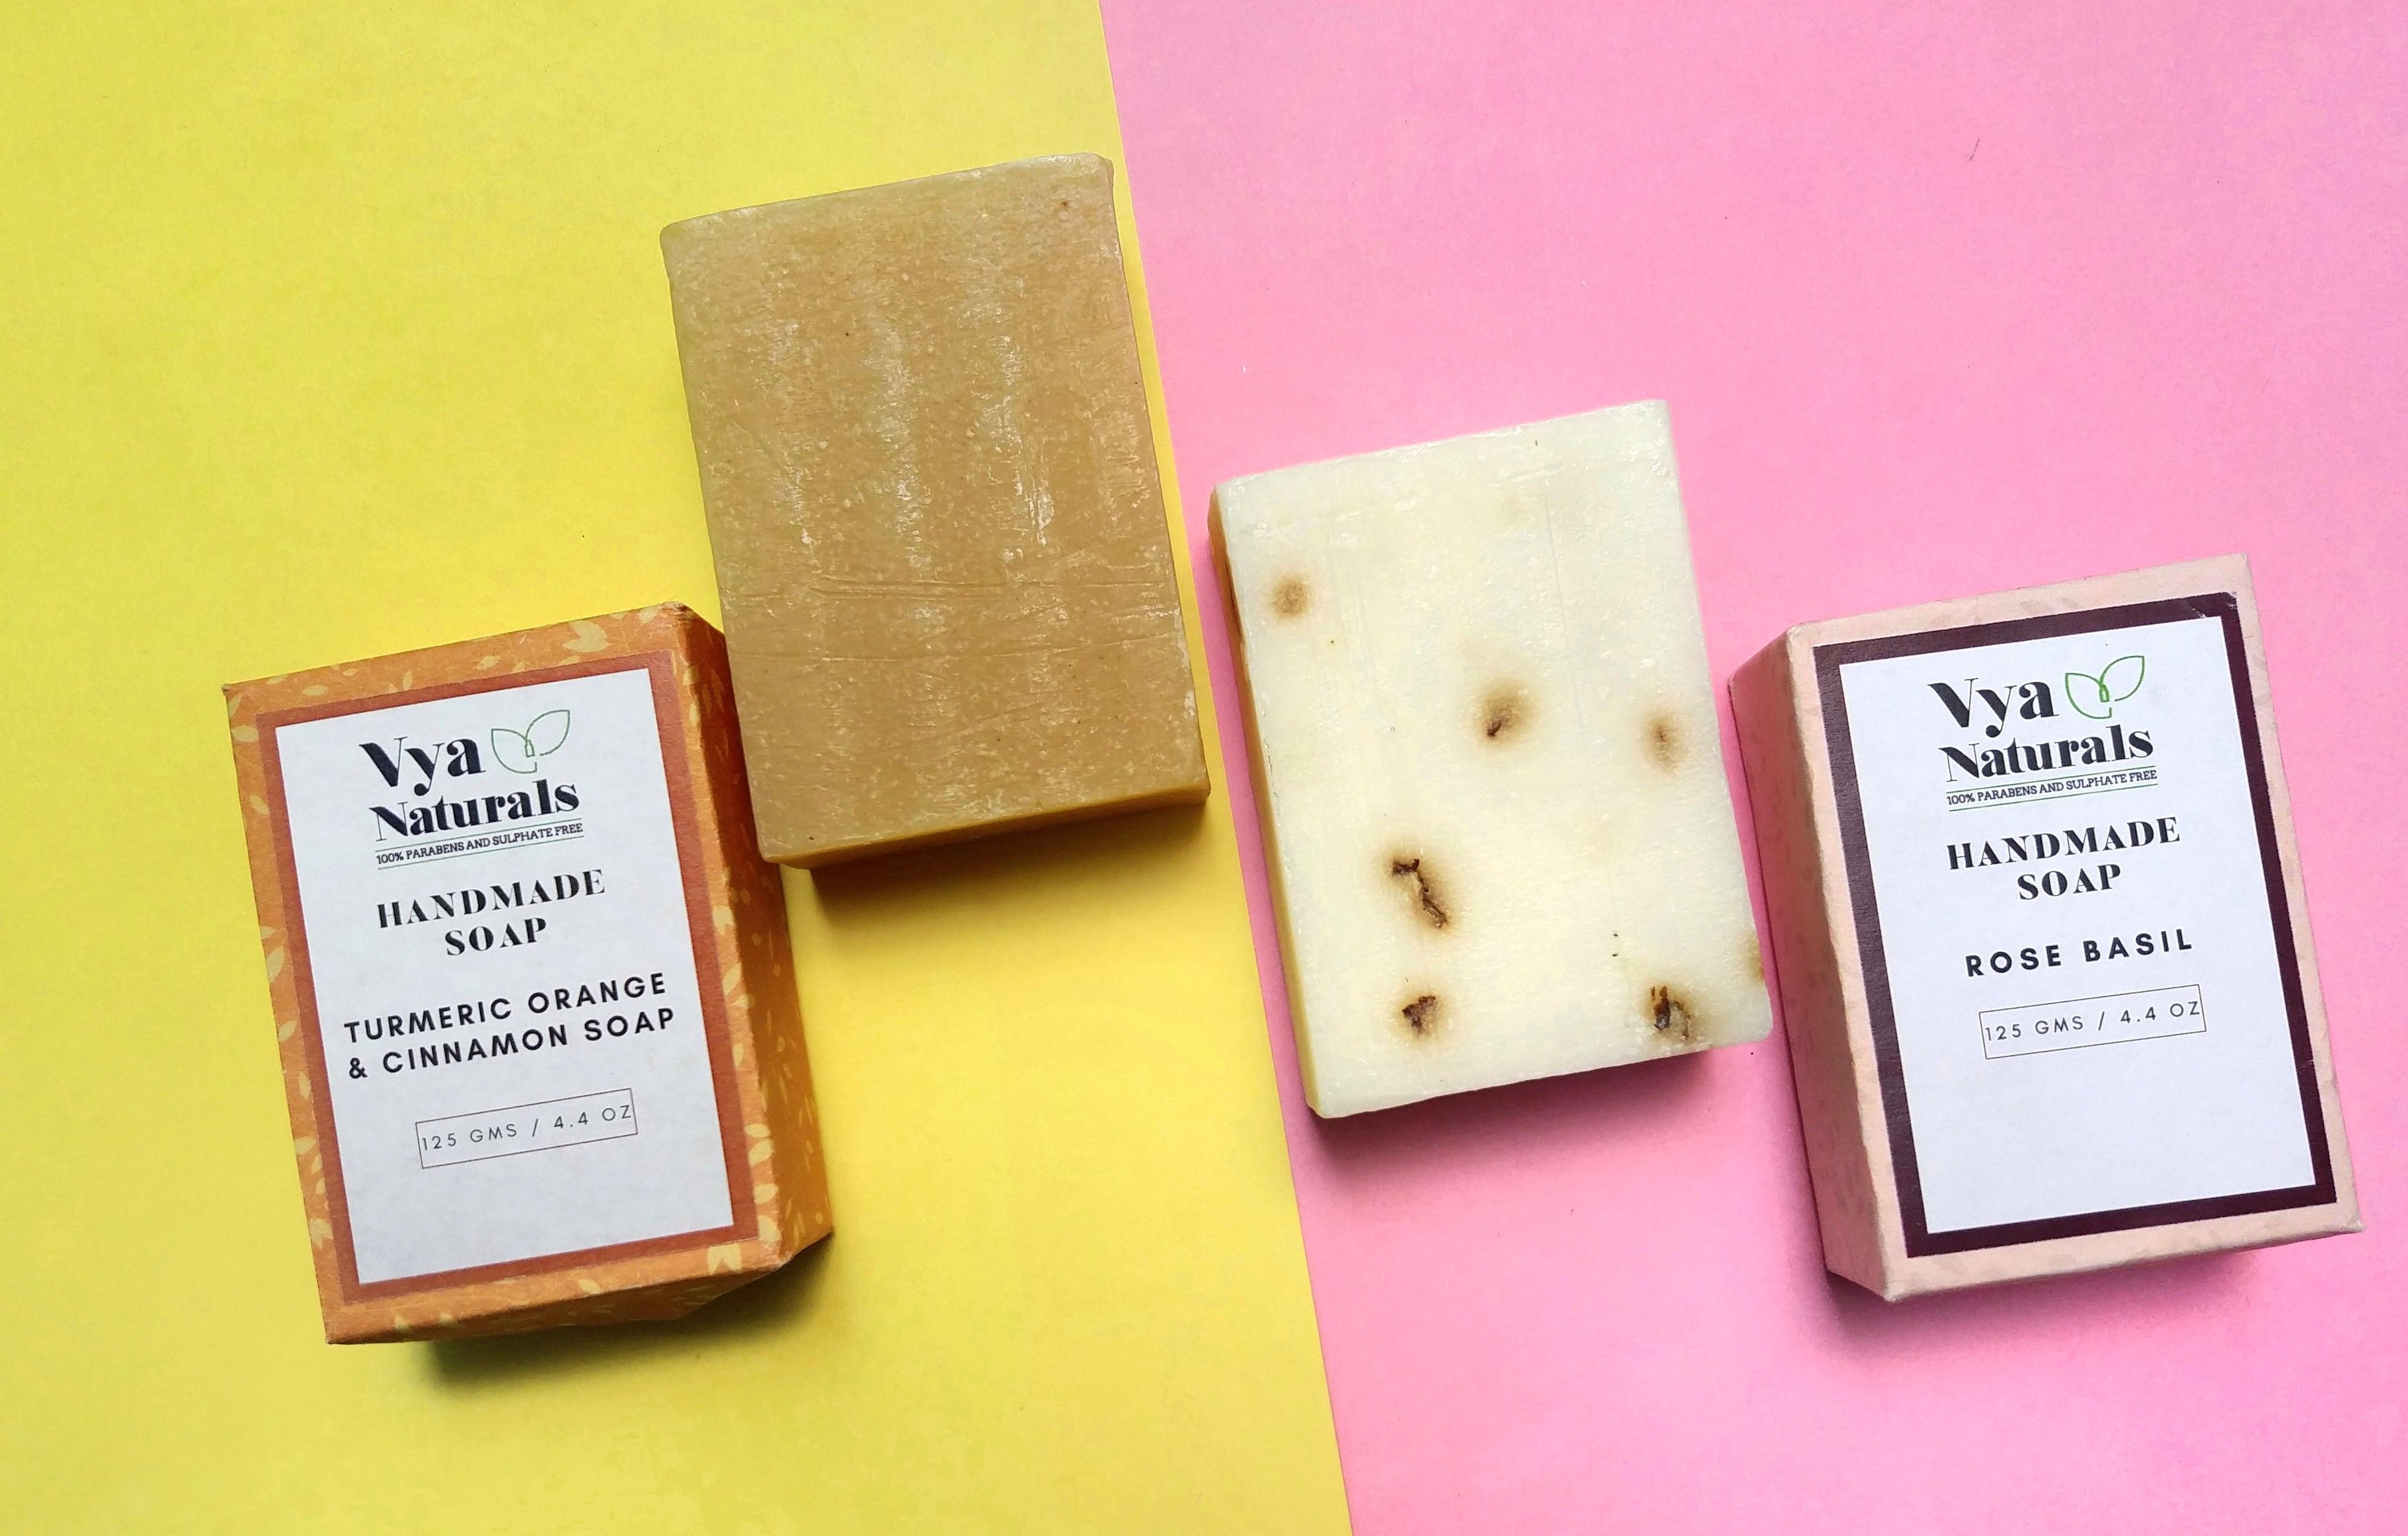 vya-naturals-handmade-soaps-review-31.jpeg